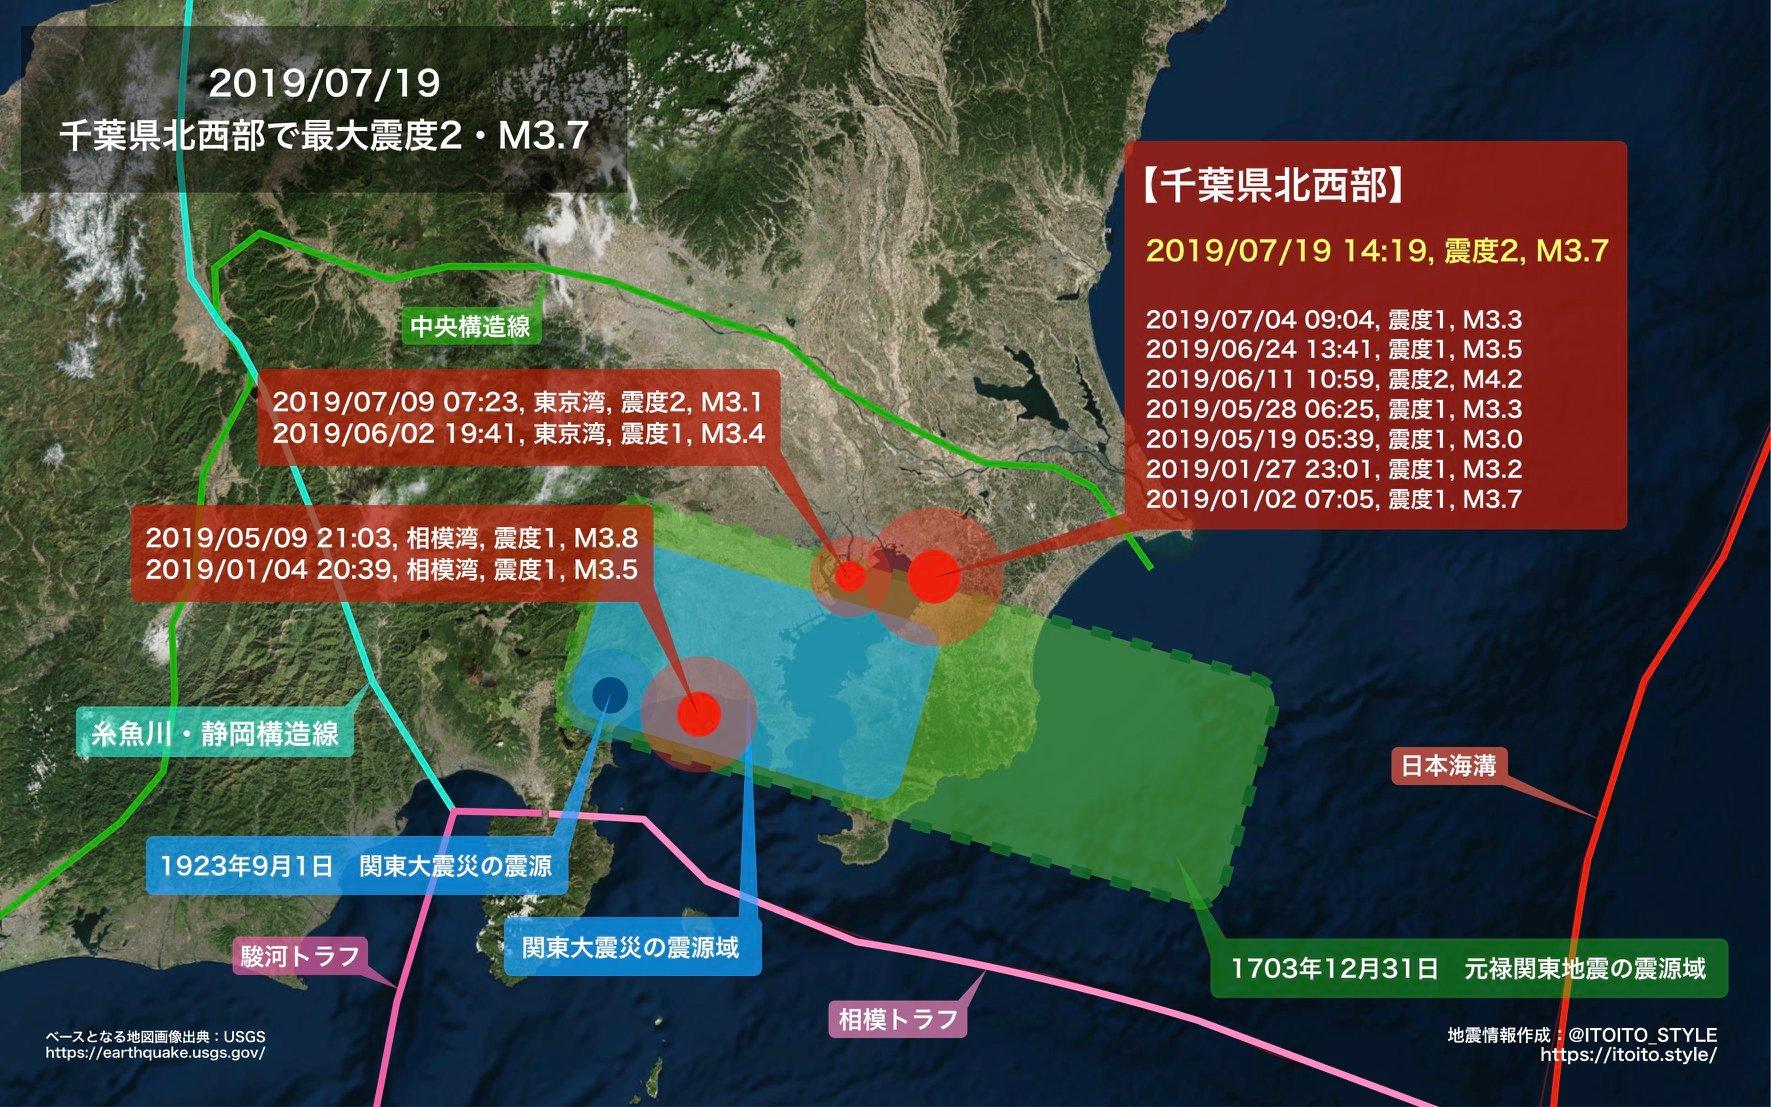 関東 大震災 震度